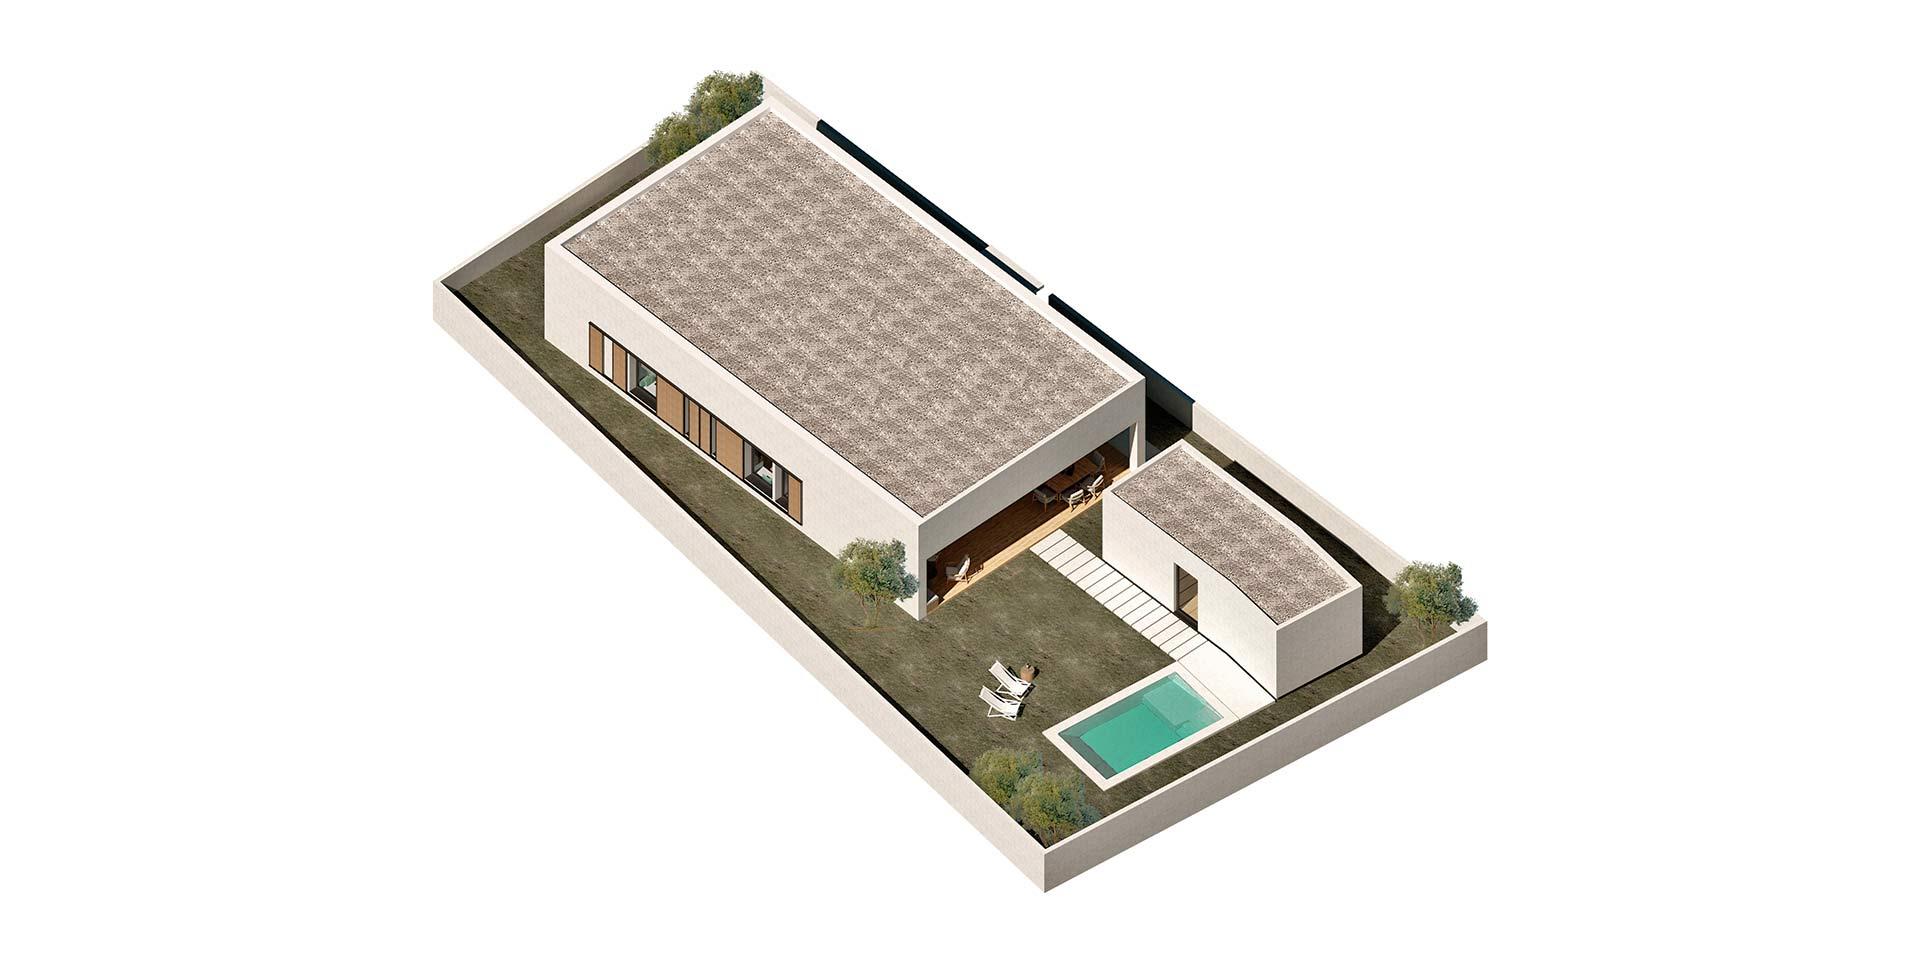 Casa-entre-olivos-14